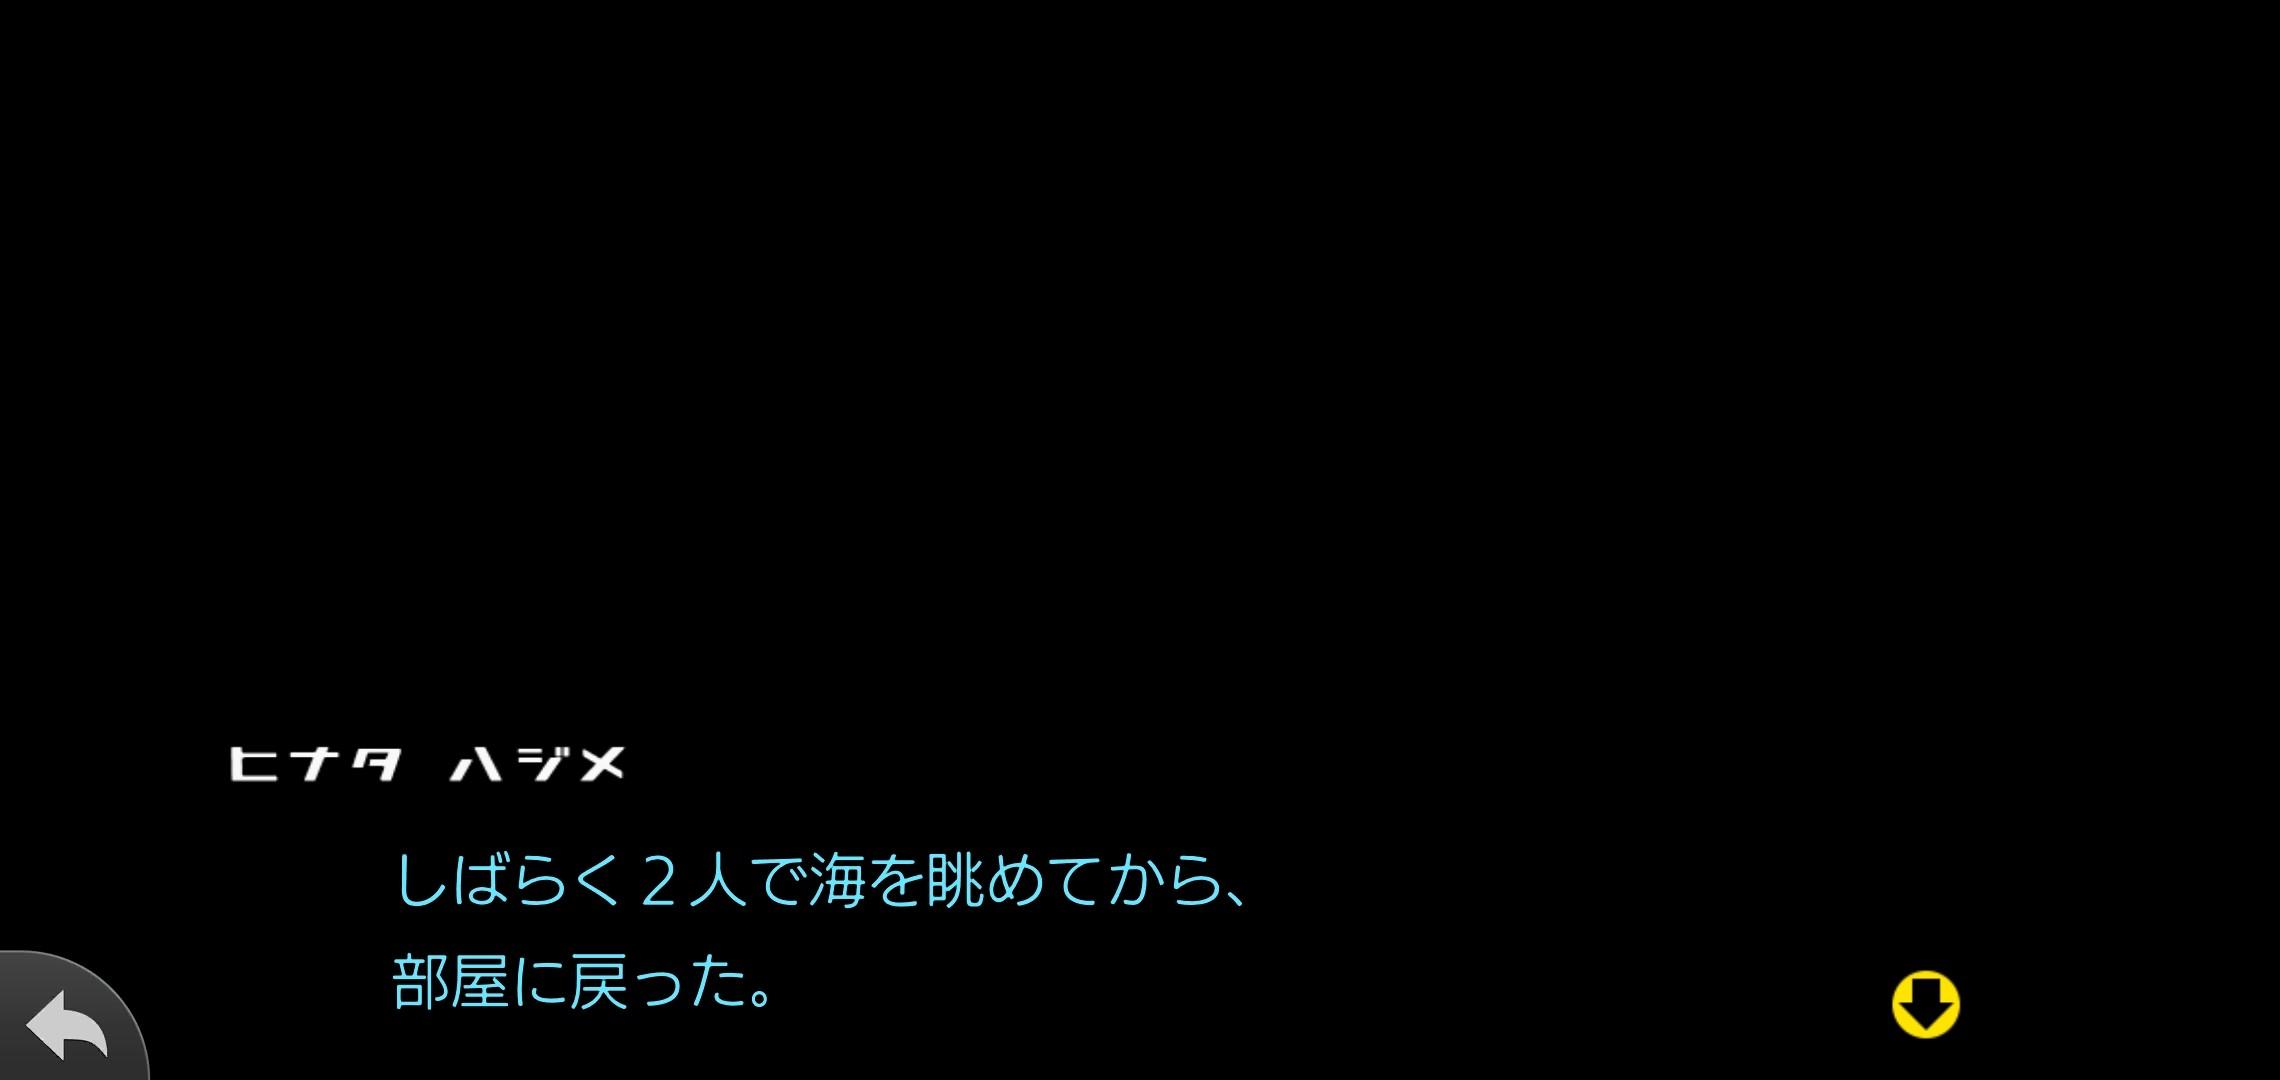 f:id:Rinburu:20201208002529j:plain